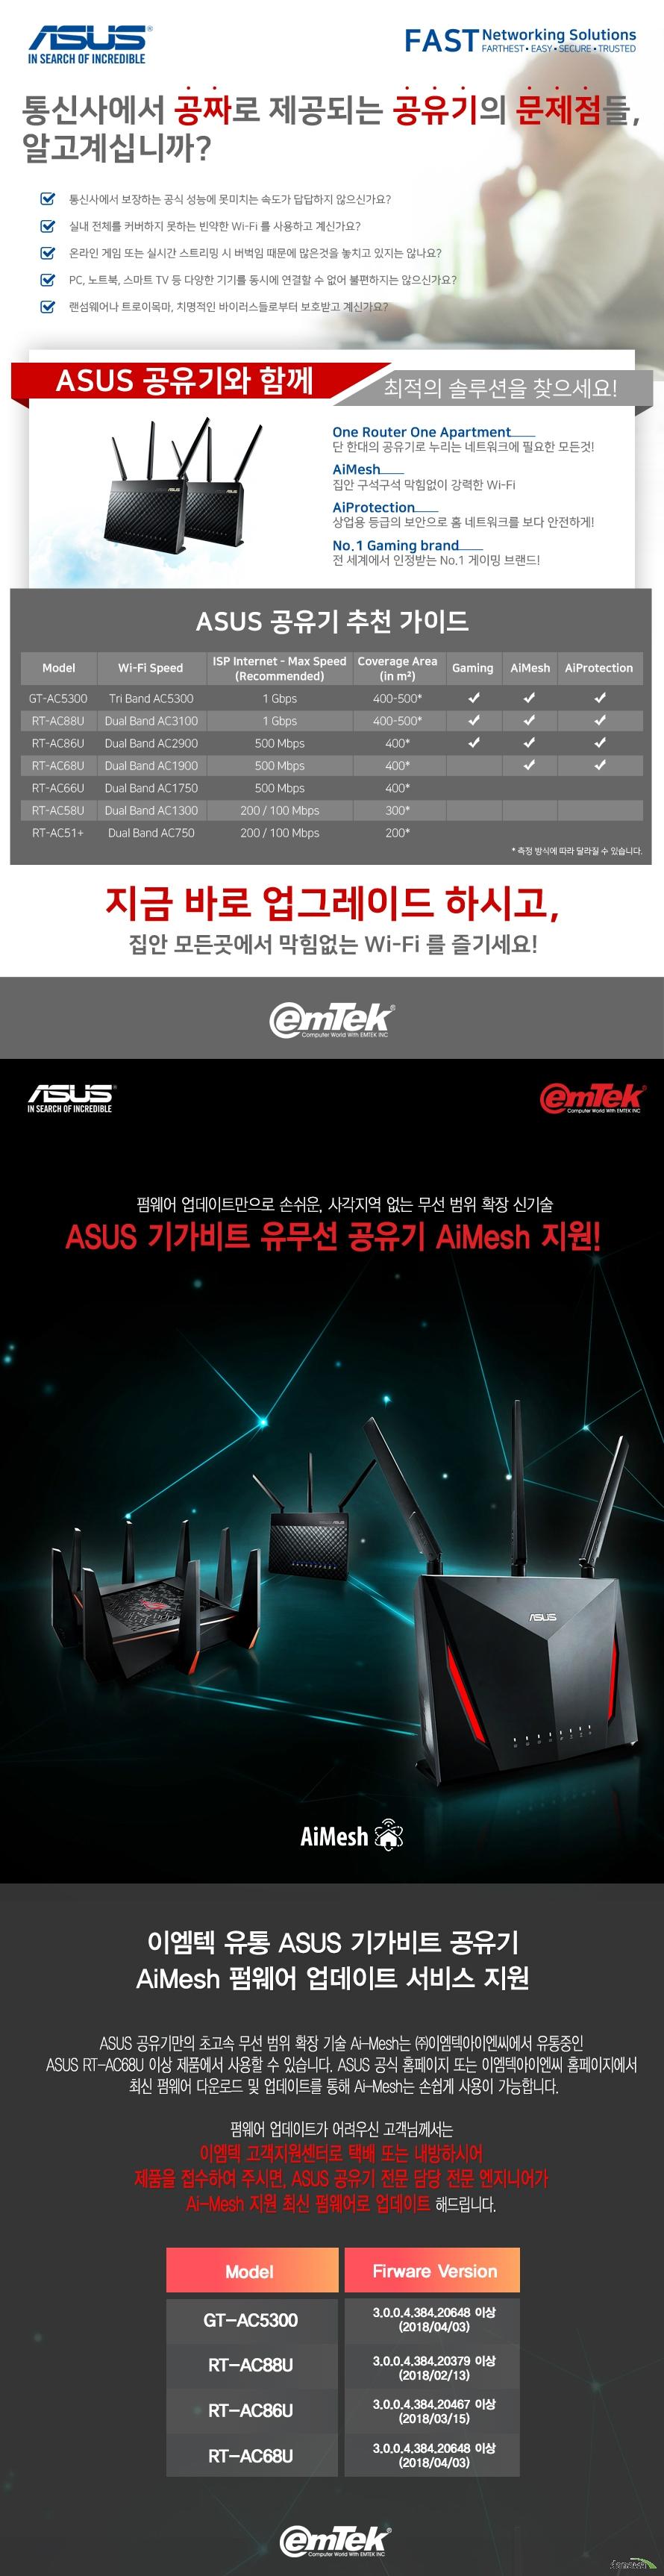 ASUS Lyra Trio AC1750 MESH WI-FI ROUTER 3PACK  제품 상세 정보  네트워크 표준 IEEE 802.11A B G N AC 지원  제품 세그먼트 AC1750 최대 성능 450+1300MBPS 커버리지 LARGE HOMES 데이터 레이트   802.11N UP TO 450MBPS 802.11AC UP TO 1300 MBPS  내부 안테나 3개 지원 송수신 MIMO 기술  32MB 플래시 및 128MB 메모리  동작 주파수 2.4 및 5 GHZ  파워 서플라이 AC 인풋 100볼트에서 240볼트까지 50에서 60헤르츠 DC 아웃풋 최대 12볼트 1.5 암페어 지원 운영체제 윈도우 10 / 8.1 / 8 / 7 지원 맥 os x 10.1 부터 10.12 지원 리눅스 지원 크기 길이 135.1밀리미터 넓이 123.2밀리미터 높이 77.9밀리미터 제품 무게 198.9그램 KC 인증 R C MSQ MAP AC1750